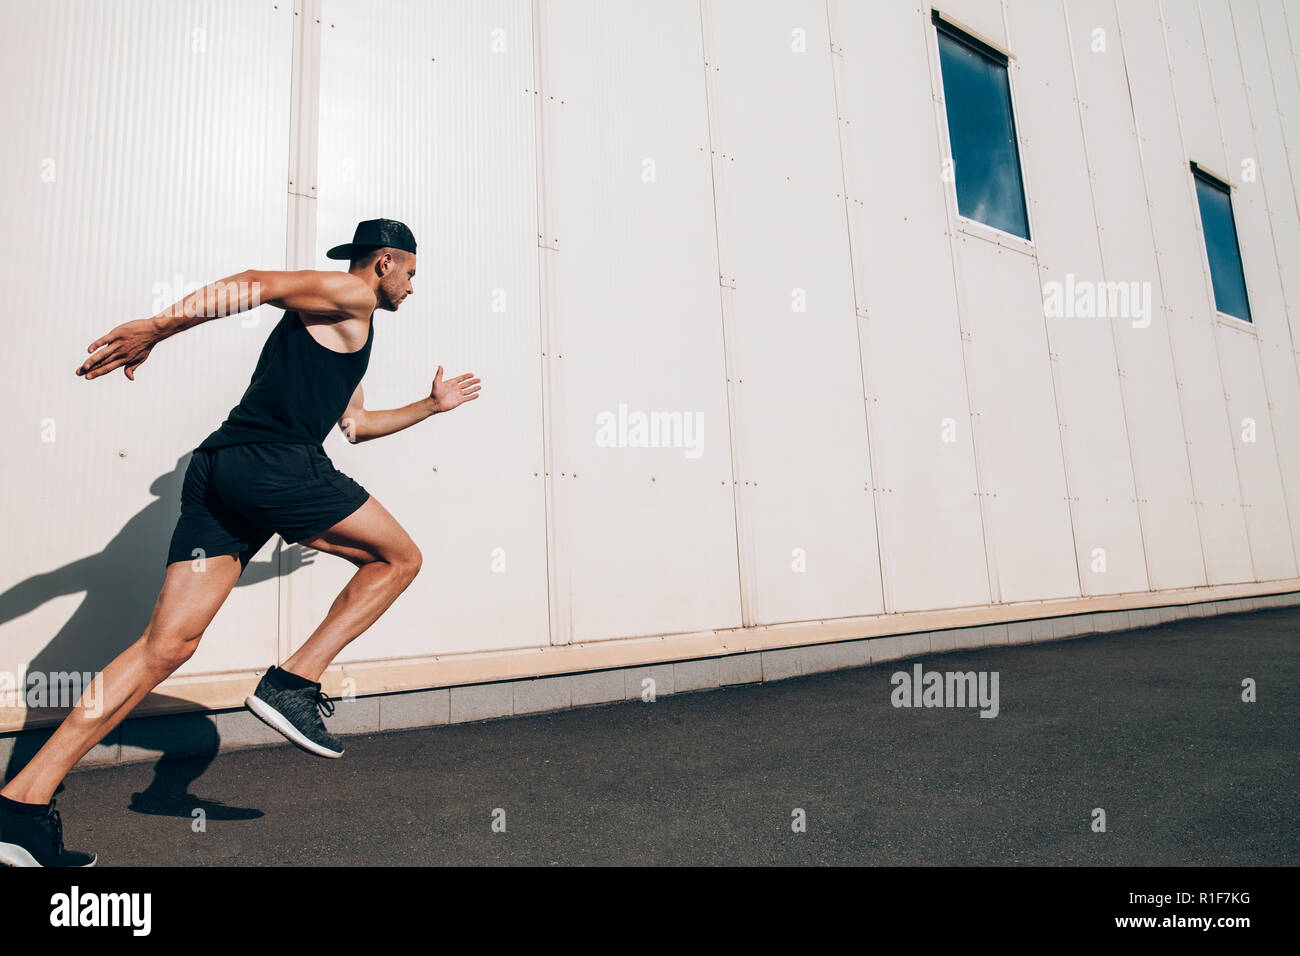 Uomo sportivo runner acceso in città sreet. Sport, salute, fitness e jogging Immagini Stock